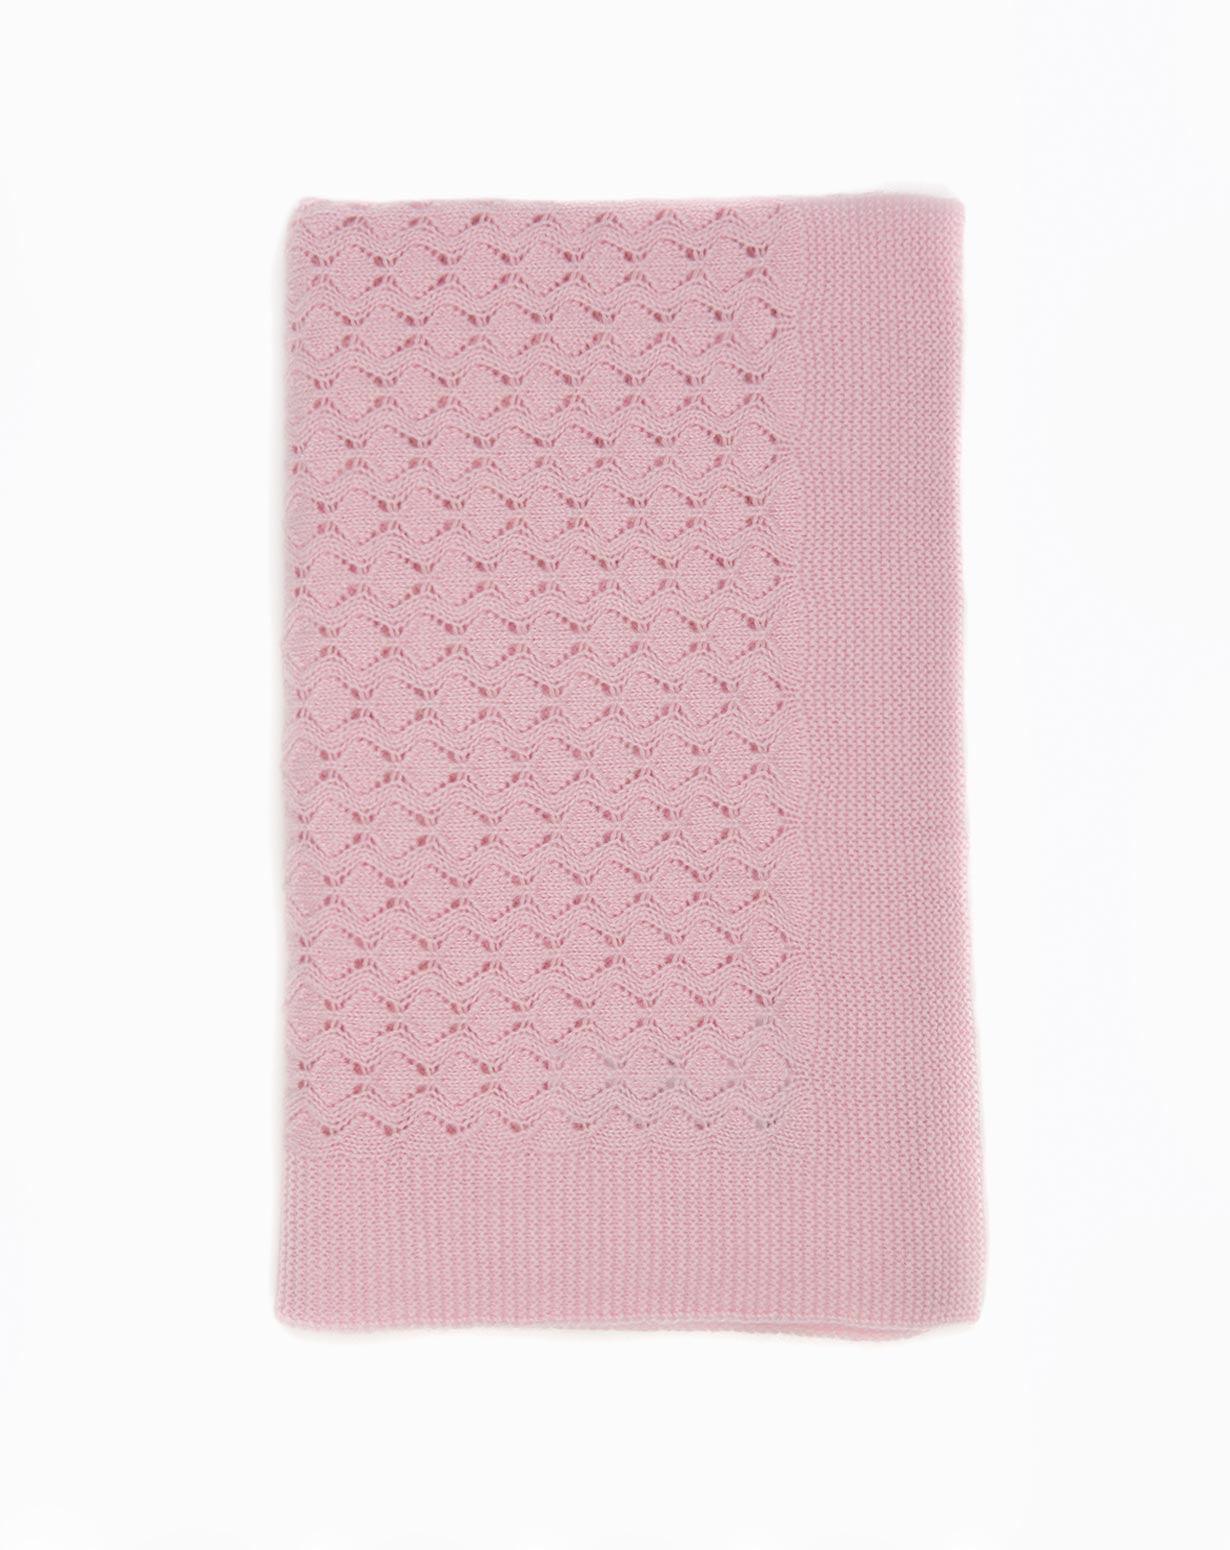 Cashmere Crochet Stitch Baby Blanket